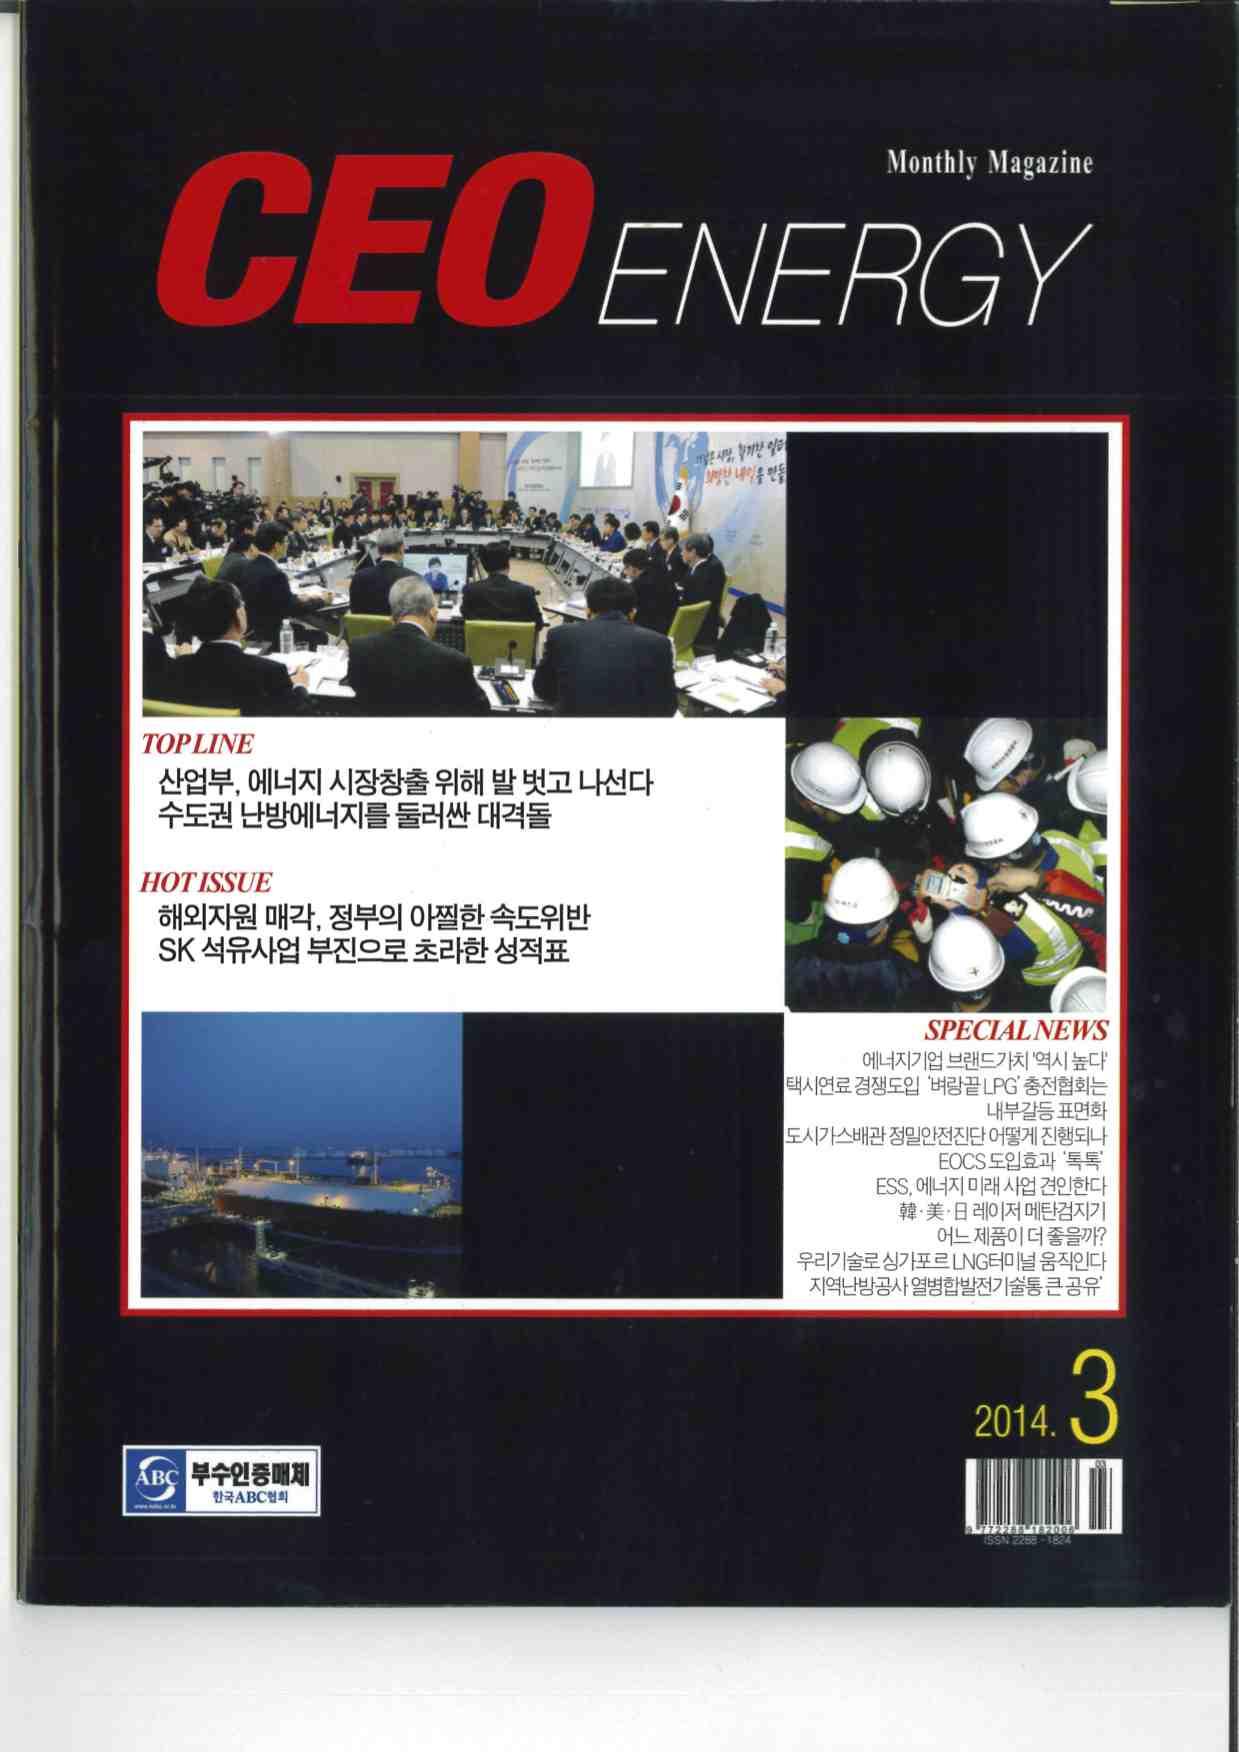 CEO ENERGY3月号 に掲載されました。【韓国】